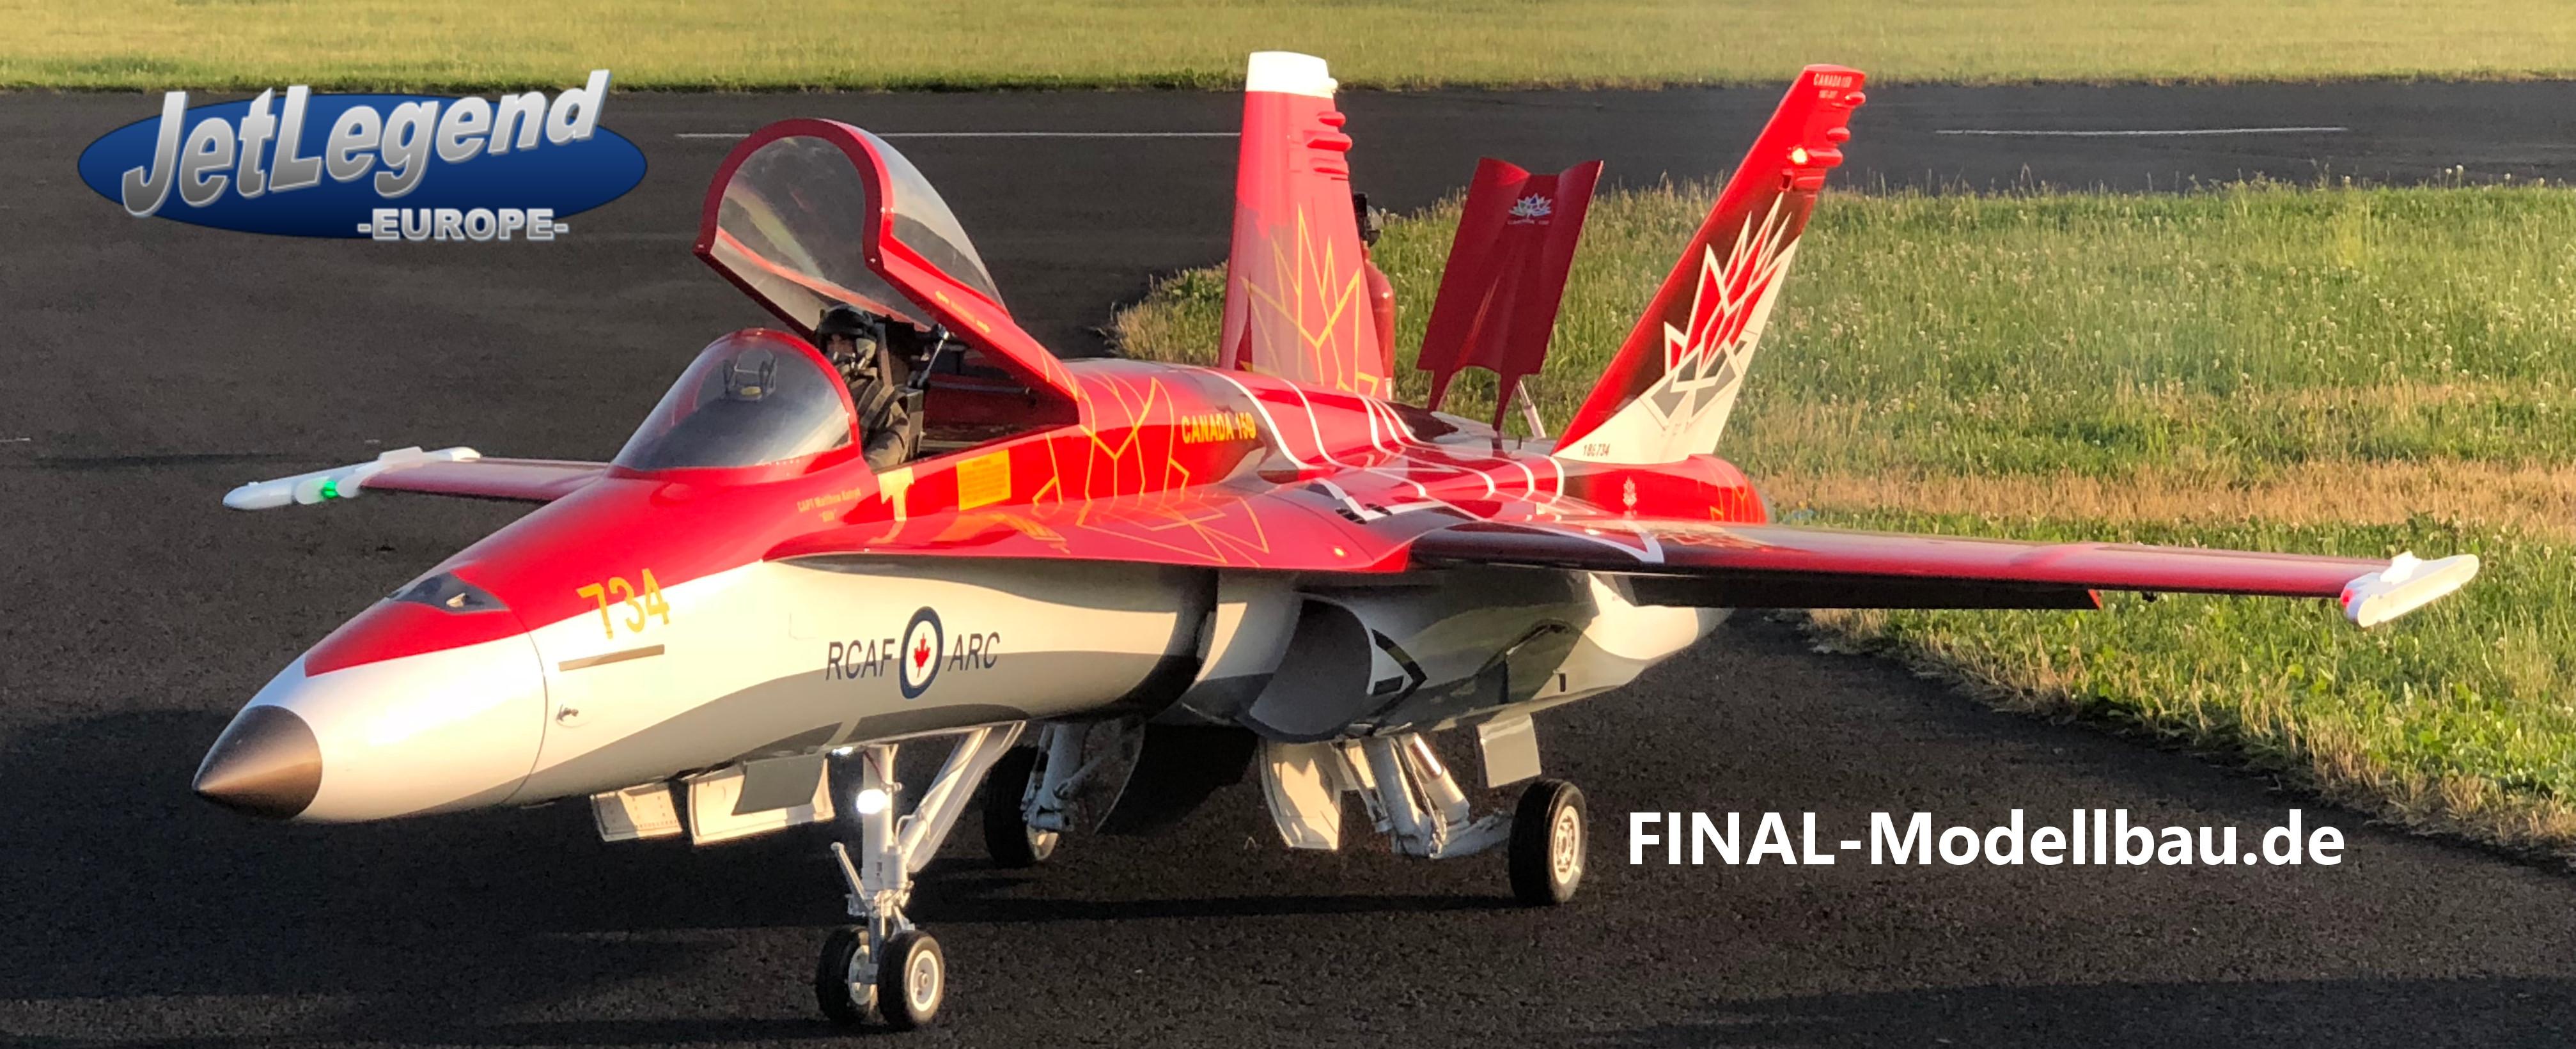 Jetlegend F18 1/5.5